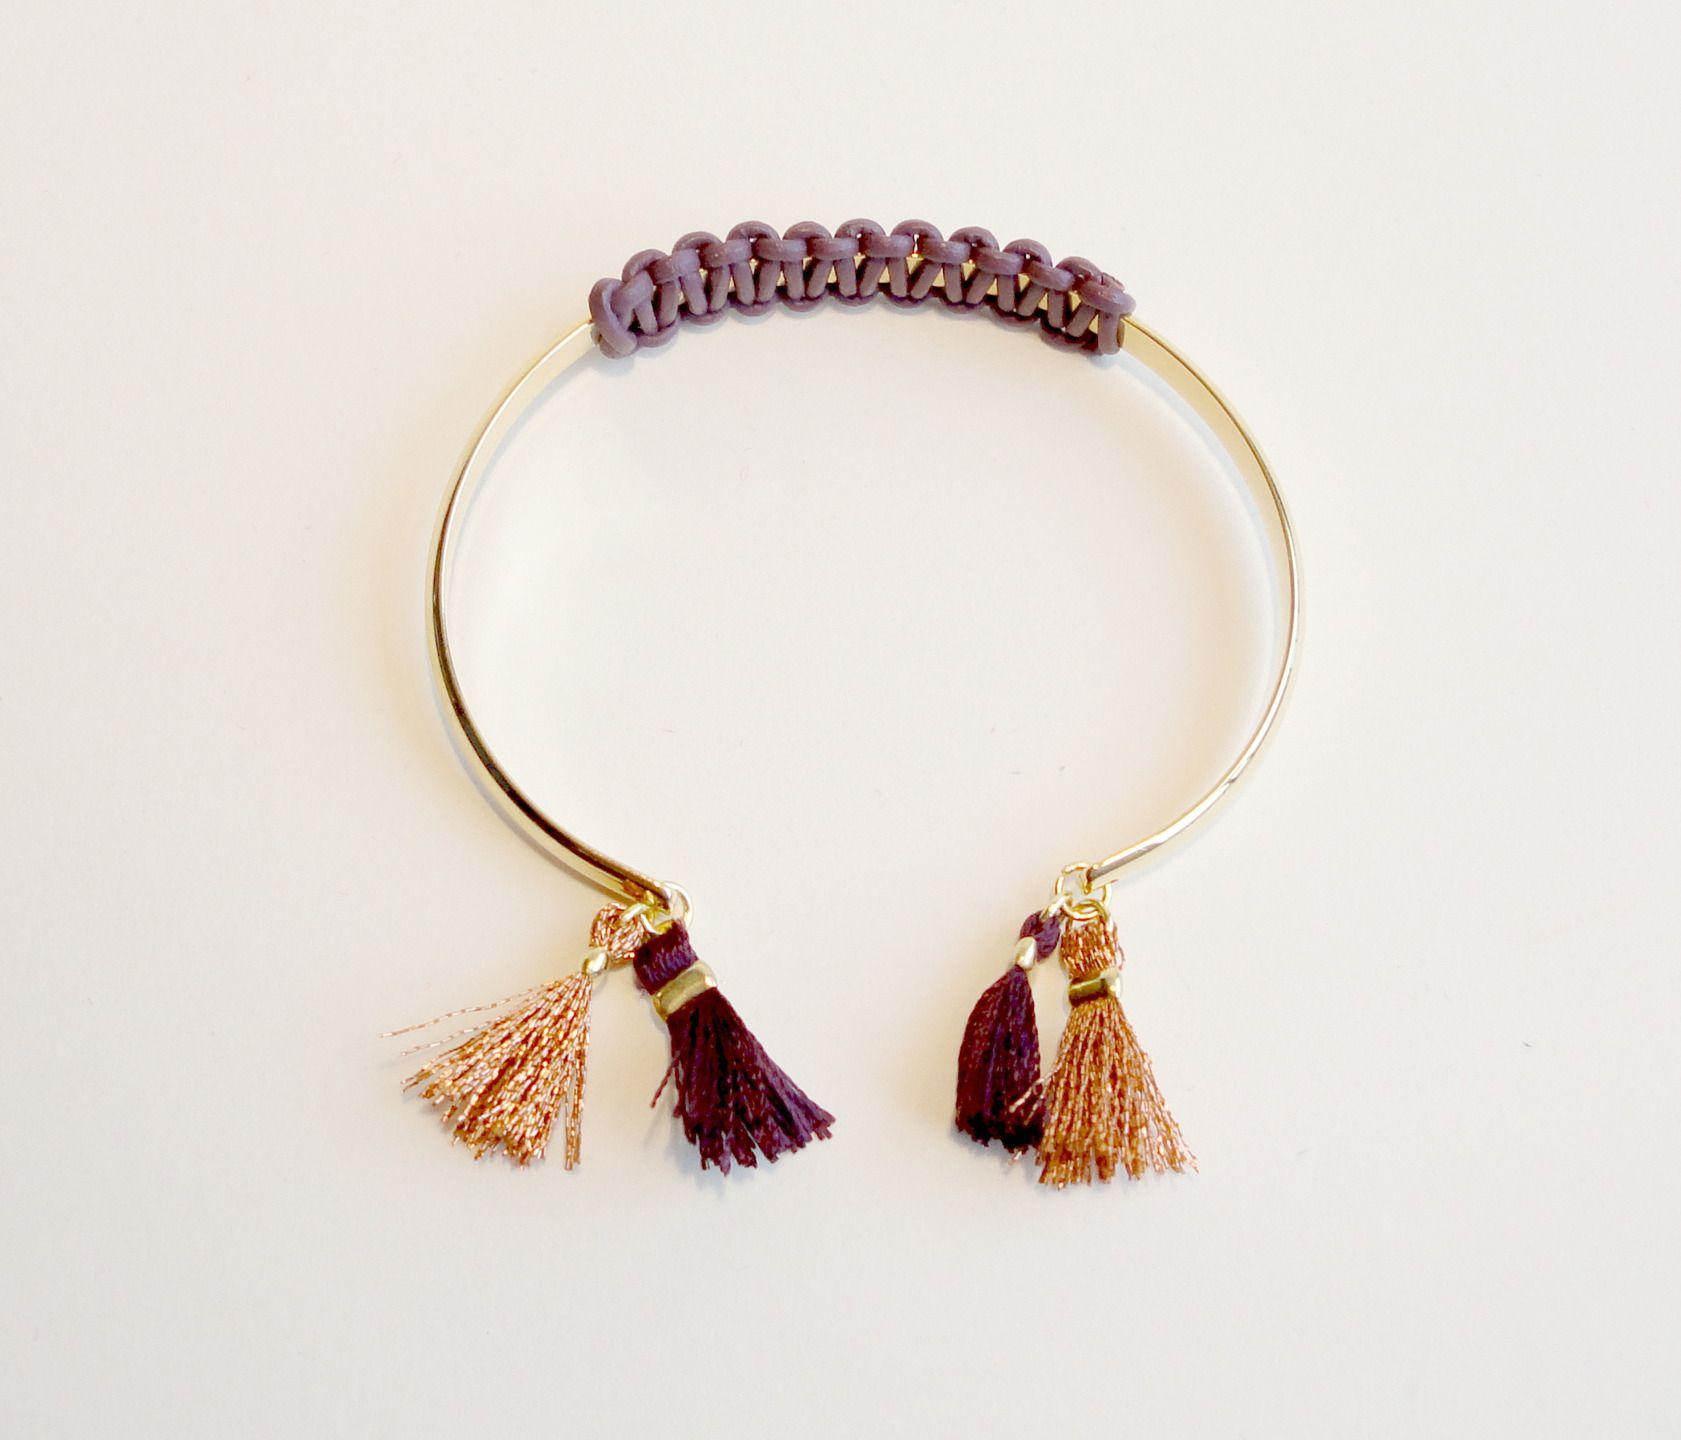 nouveaute couleur prune bordeaux vieux rose dor bracelet demi jonc ovale et ouvert. Black Bedroom Furniture Sets. Home Design Ideas